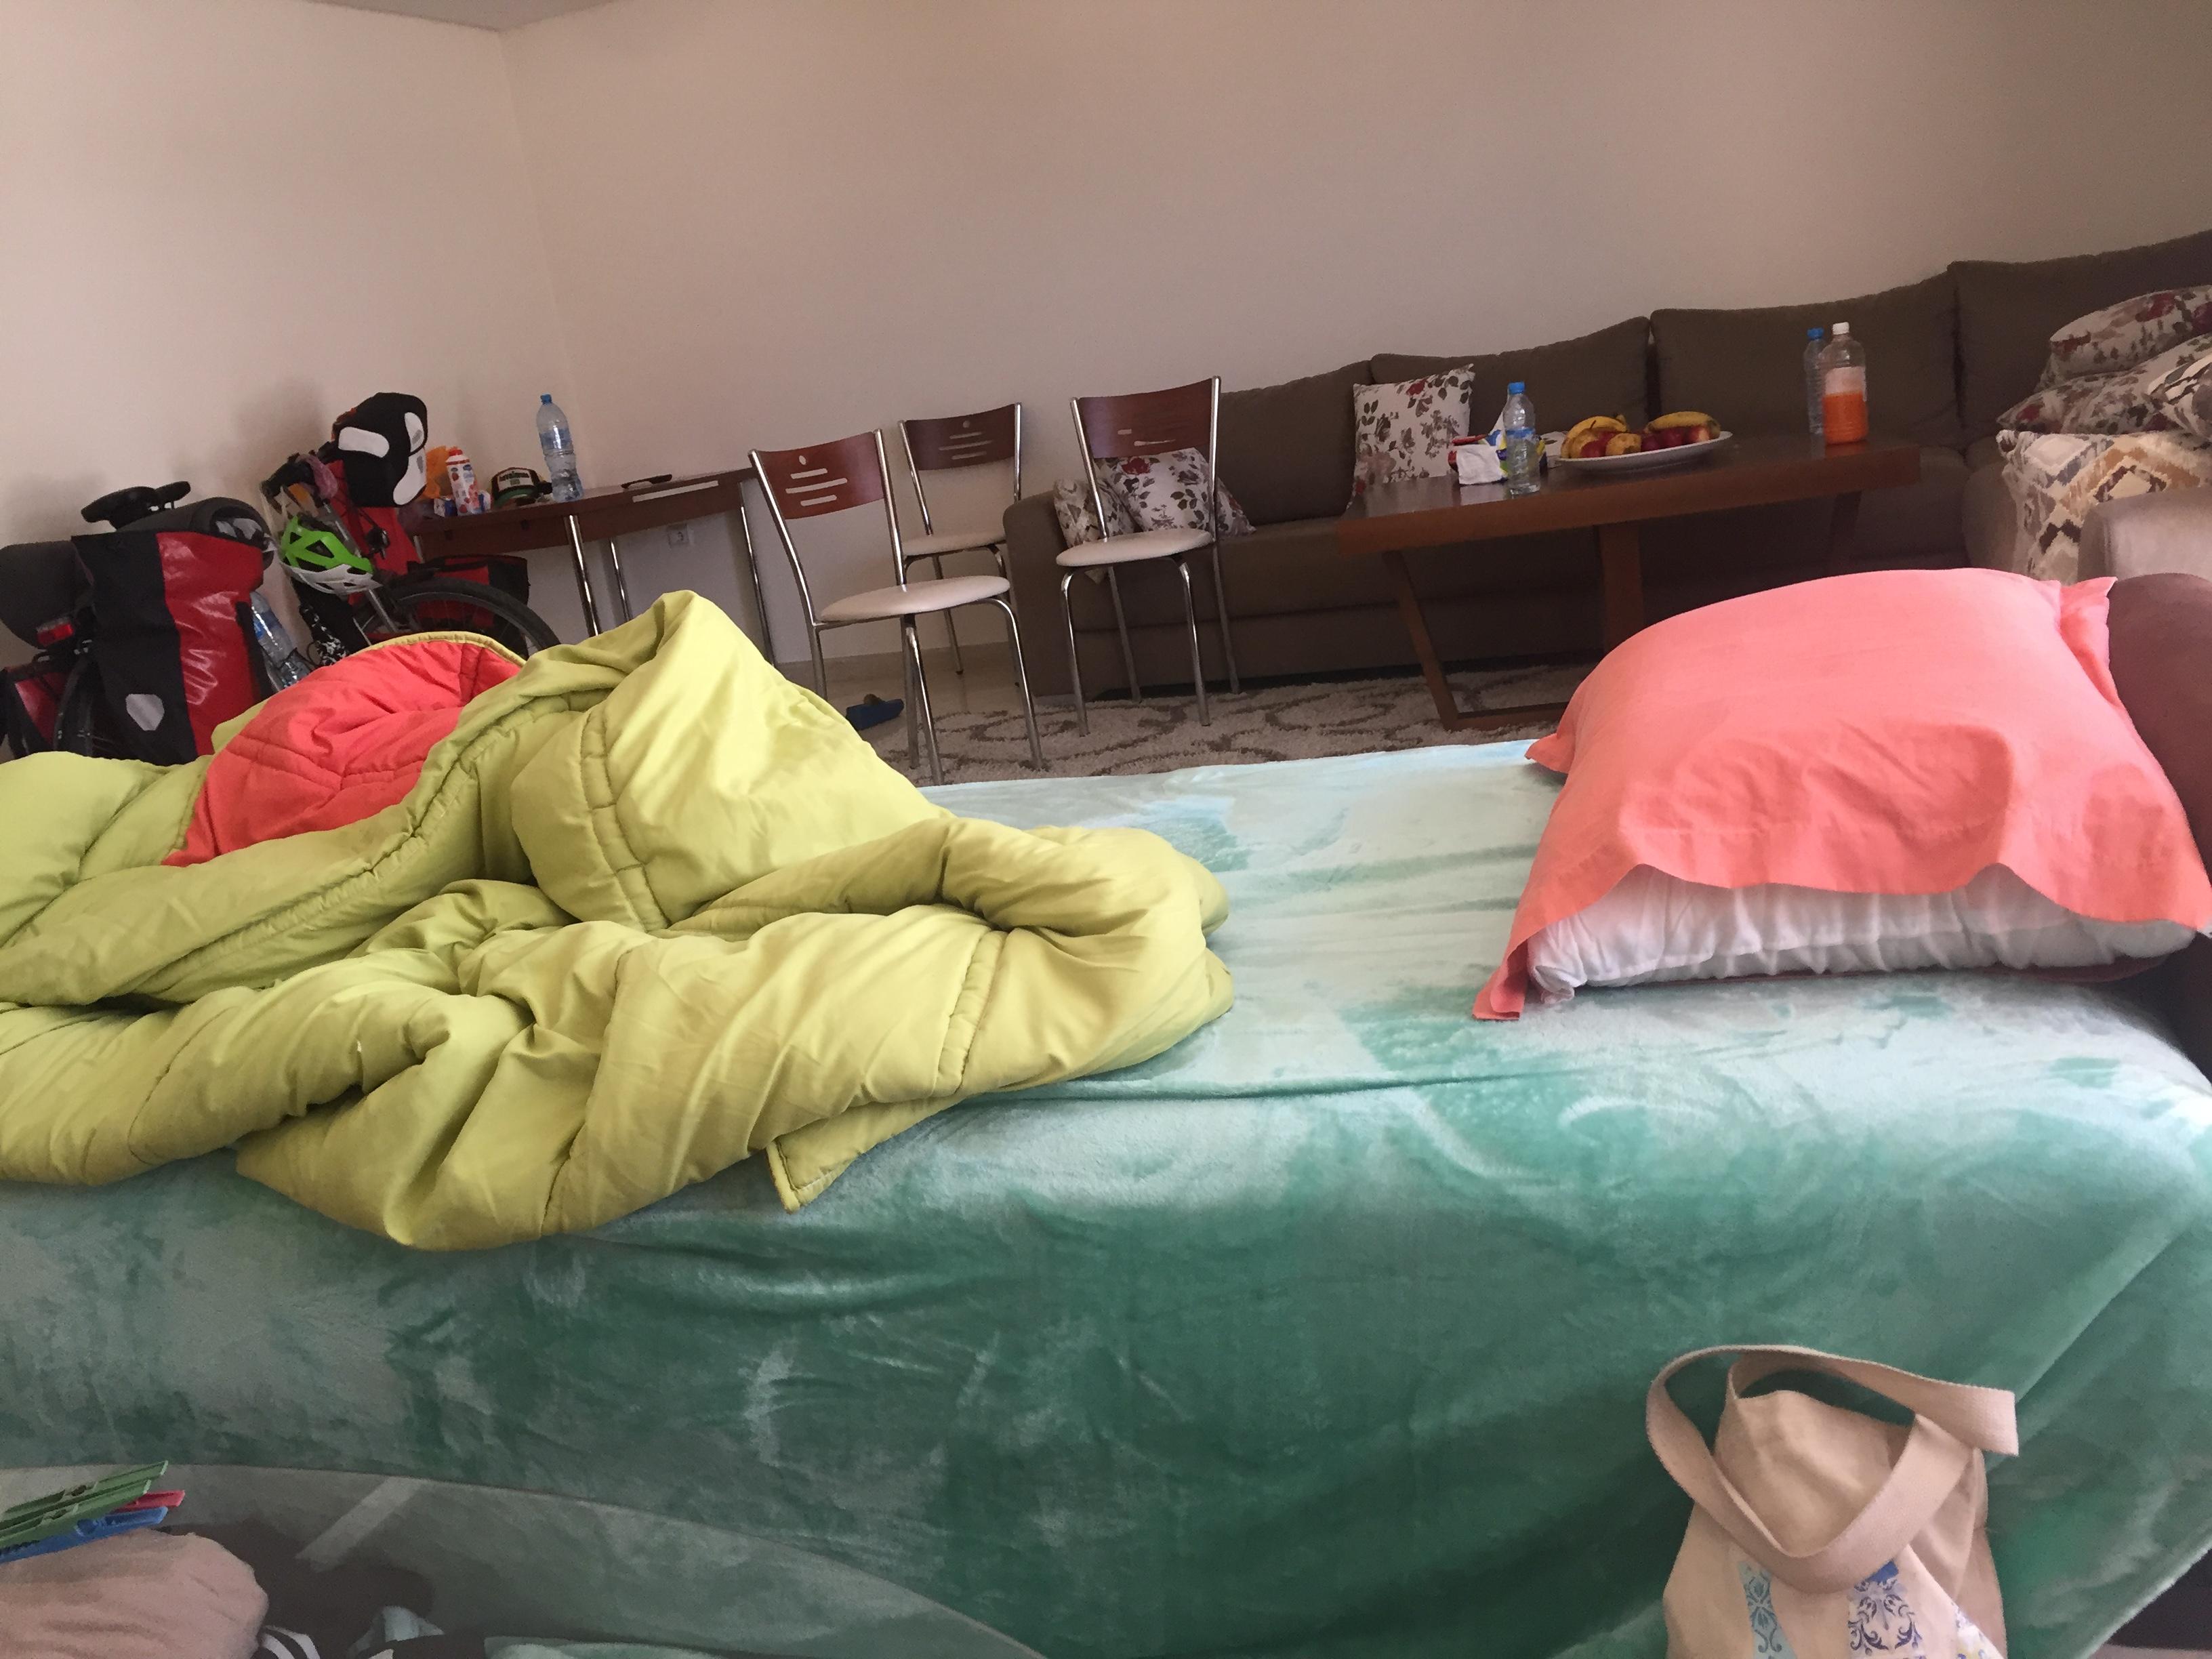 mein Schlafplatz im Wohnzimmer